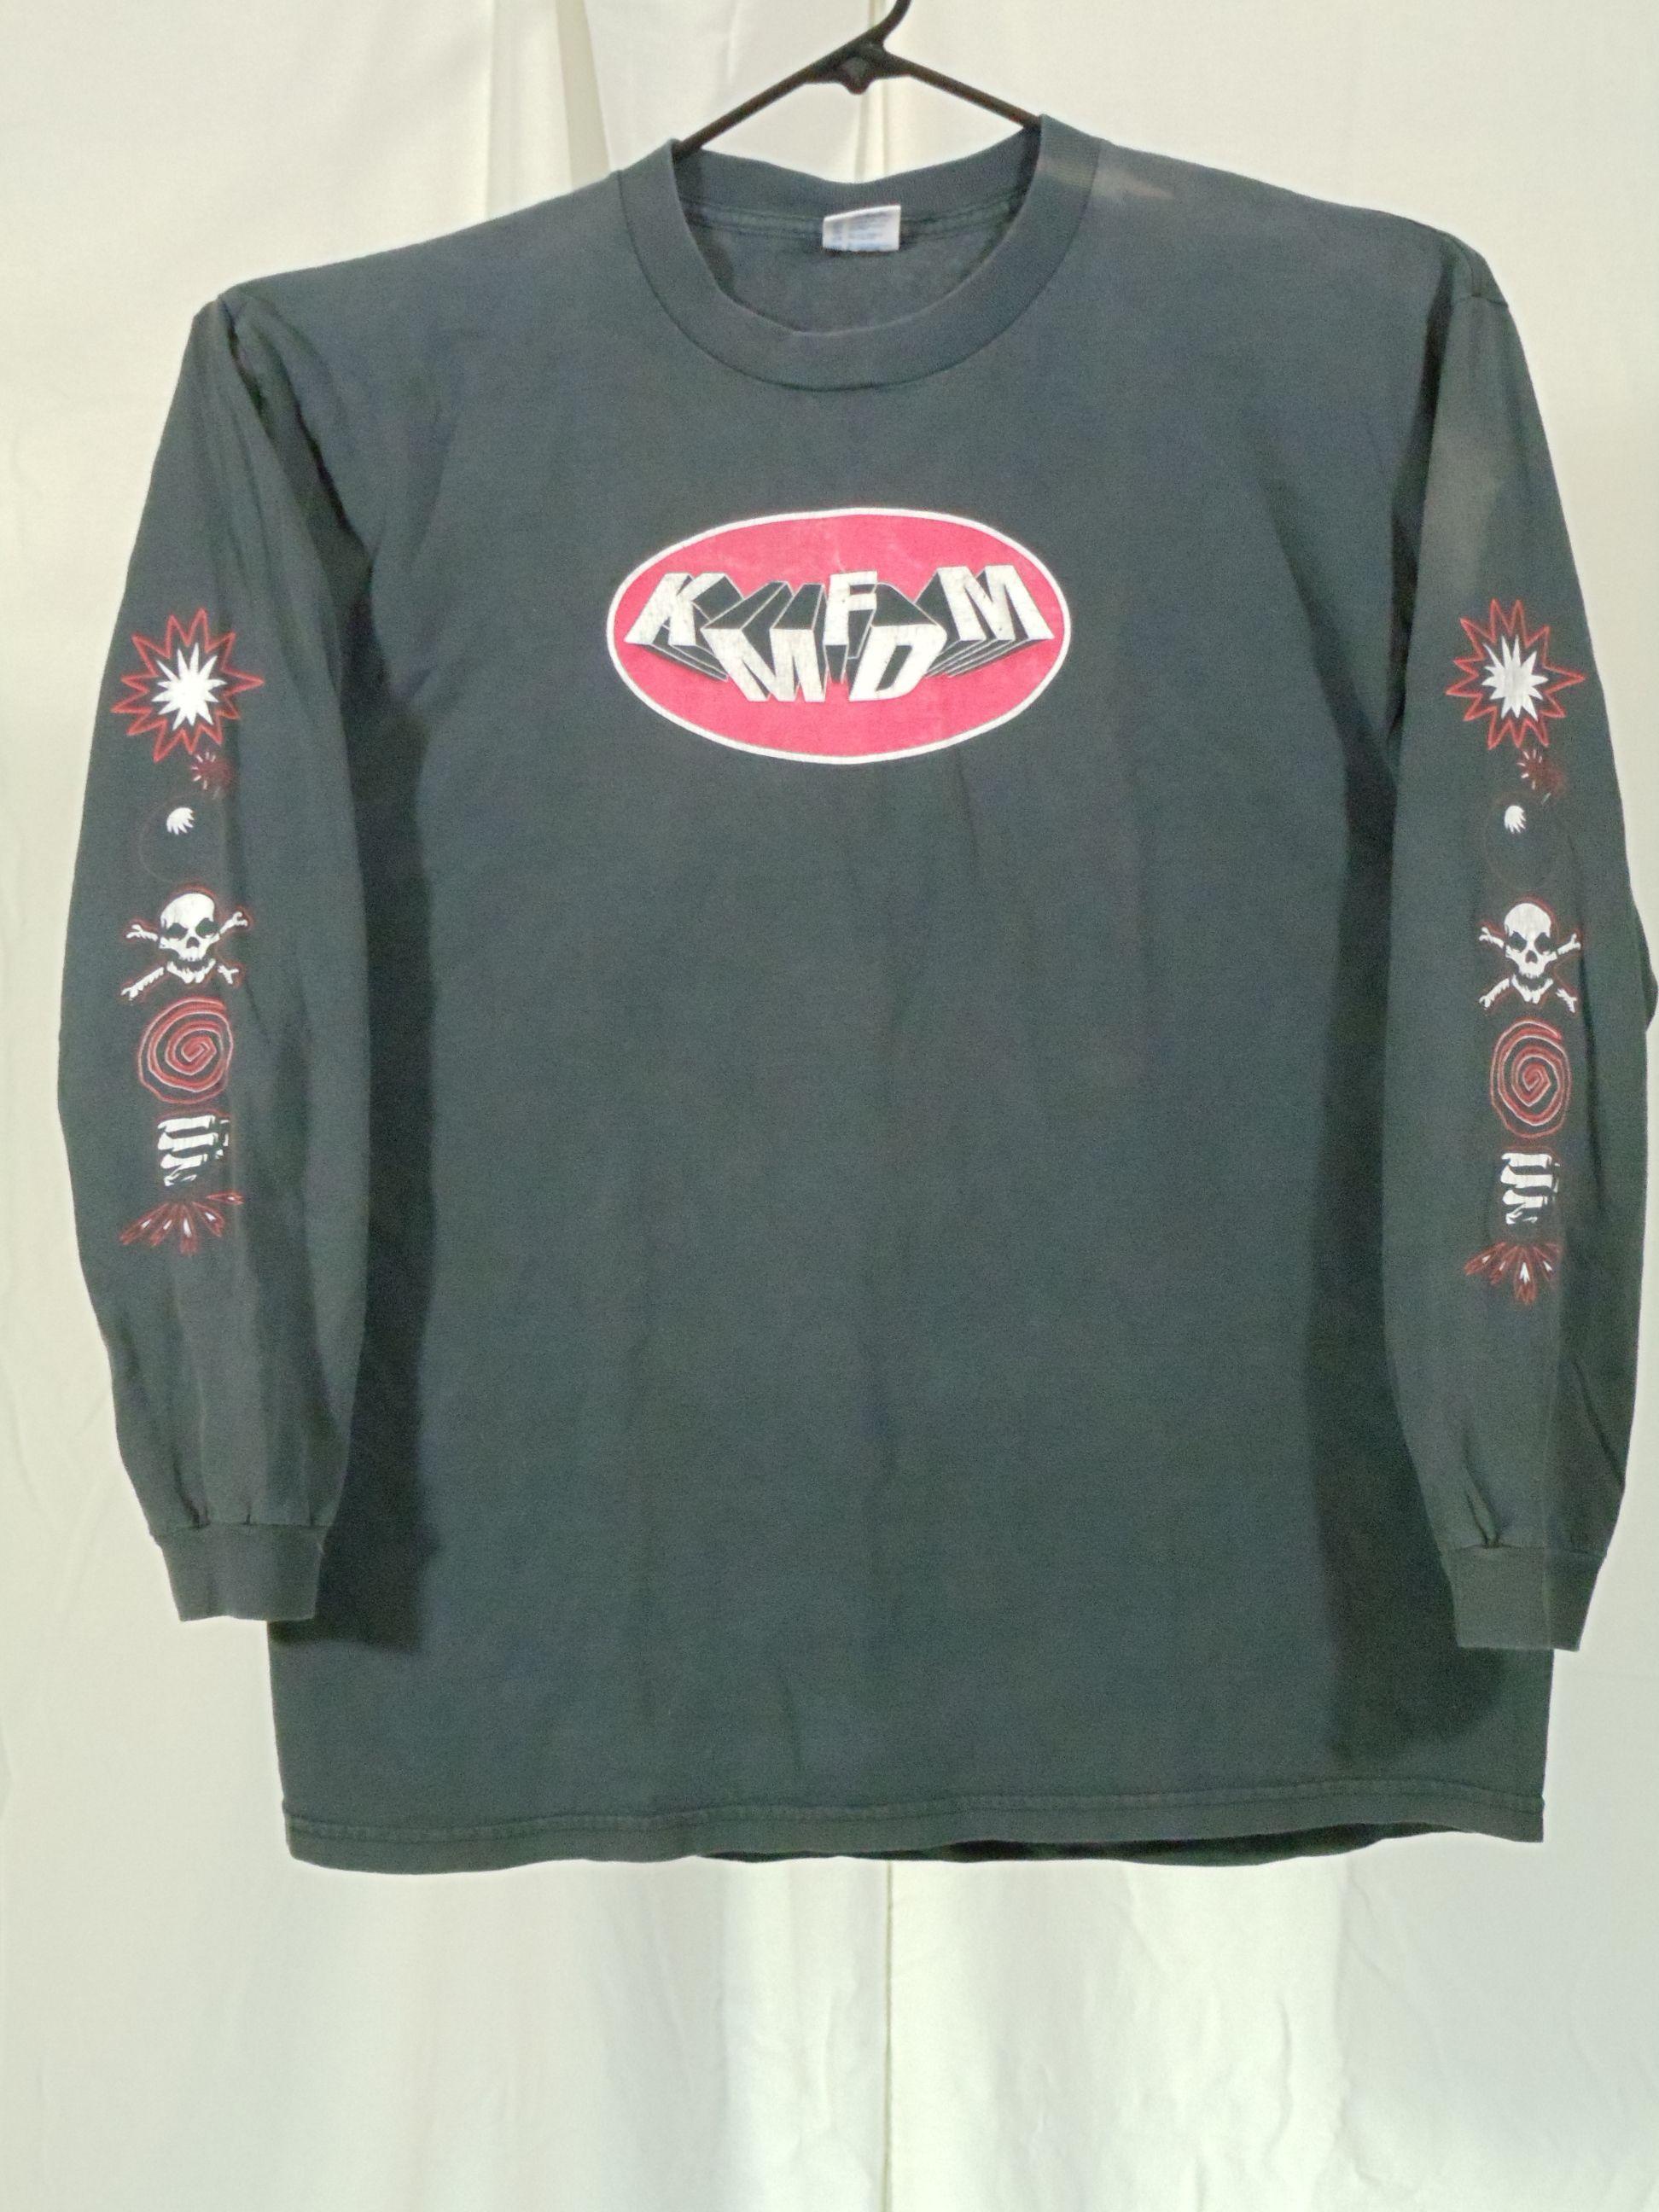 Kmfdm 1997 Symbols Tour 01 Concert Souvenir T Shirts